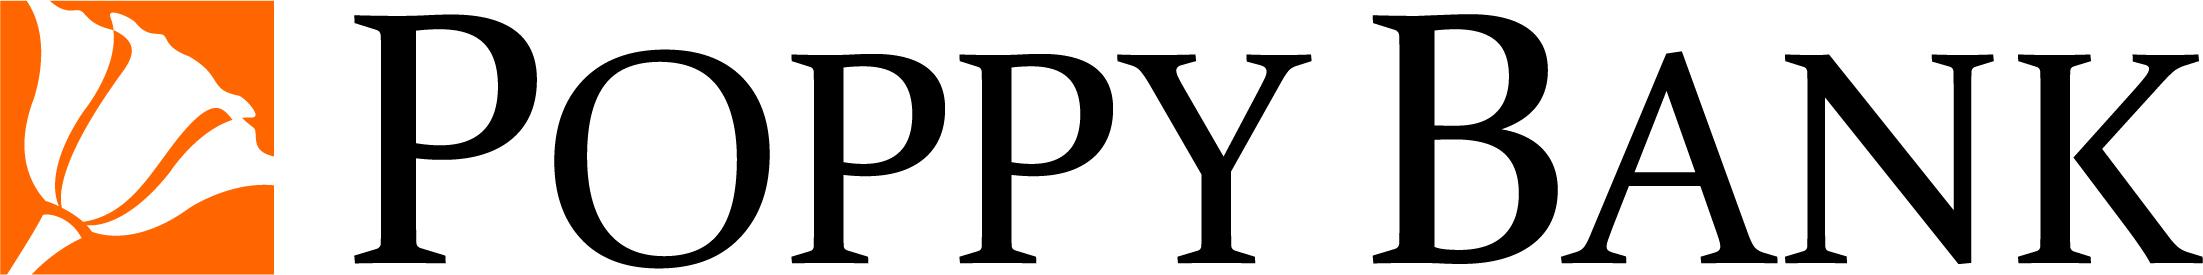 Poppy Bank logo